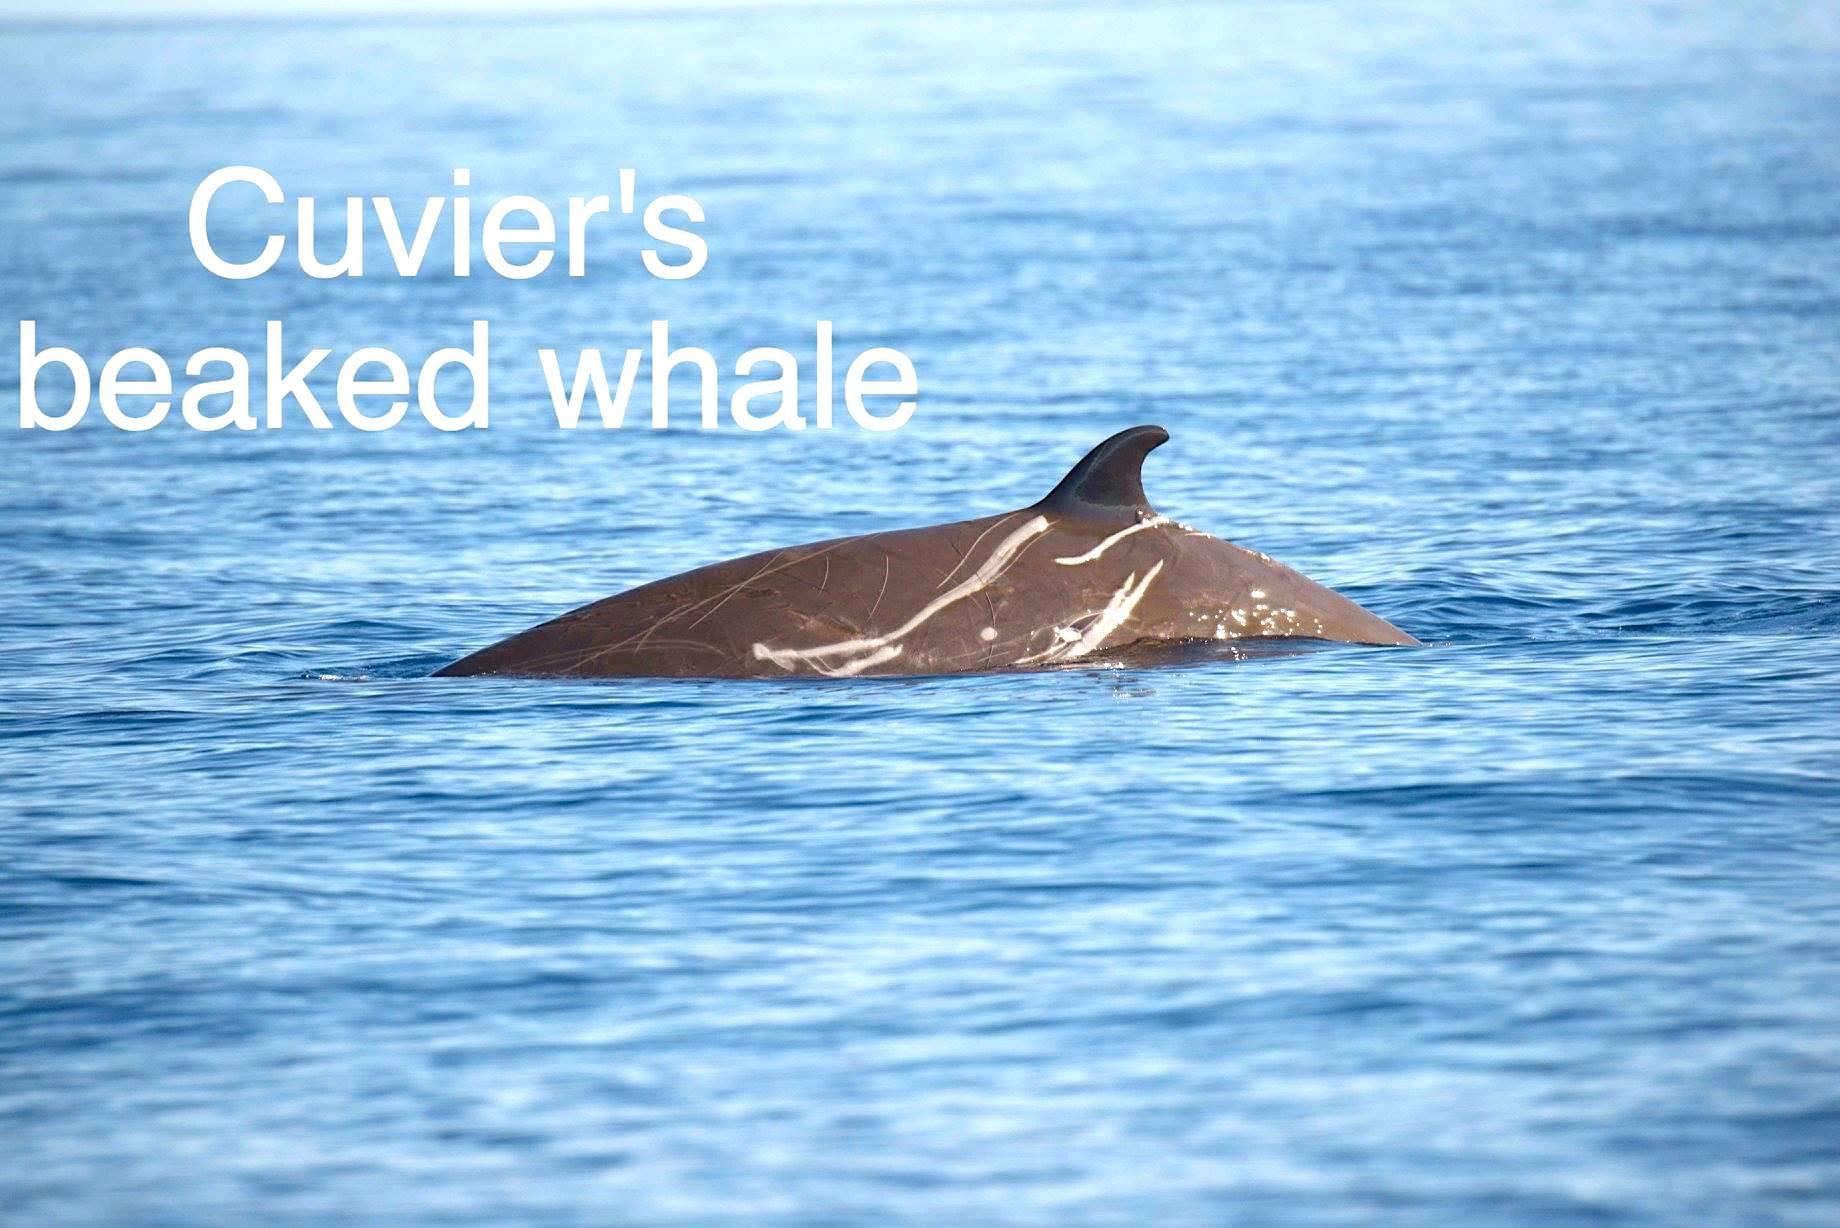 Cuvier's Beaked Whale Bahamas (BMMRO / Charlotte Dunn)